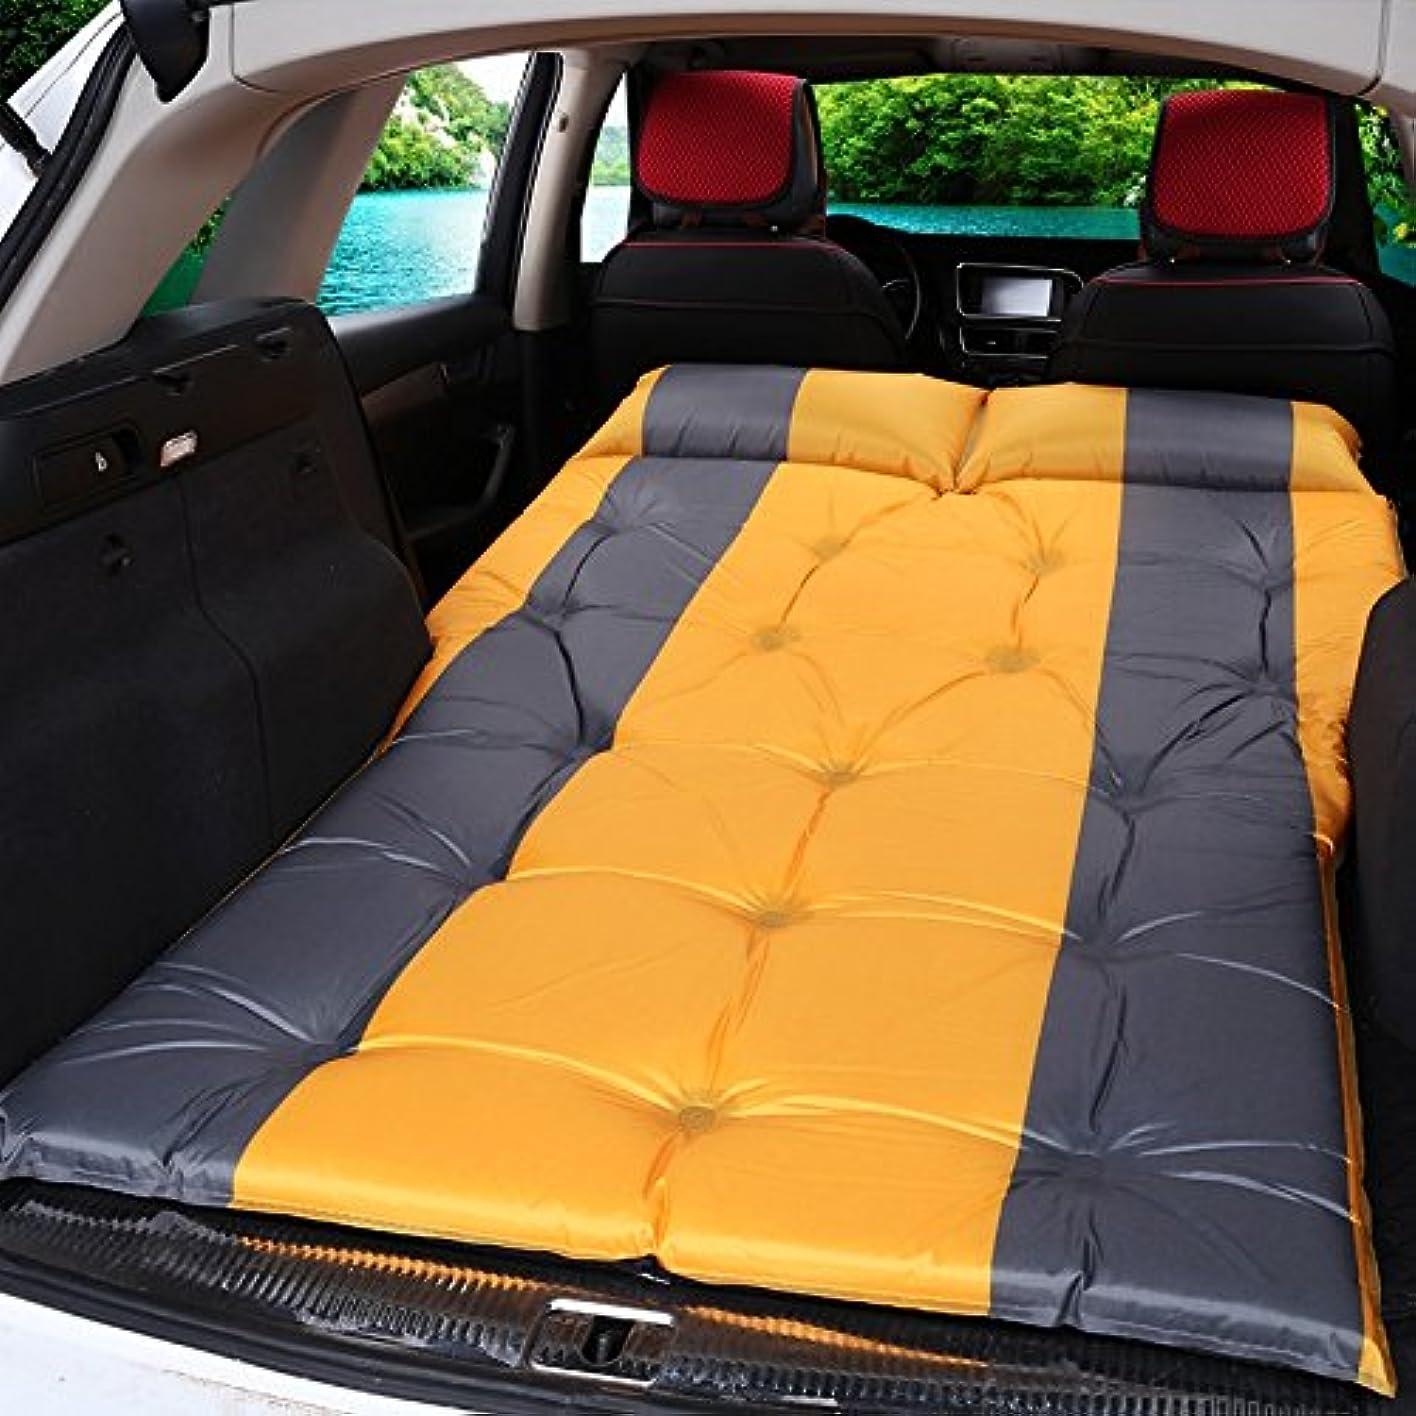 ヘア赤外線クランシーGYP アウトドアキャンプ車ショックベッドポータブル自動インフレータブルベッドスリーピングパッドカーベッドベッドエアベッドエアクッション ( 色 : イエロー いえろ゜ )